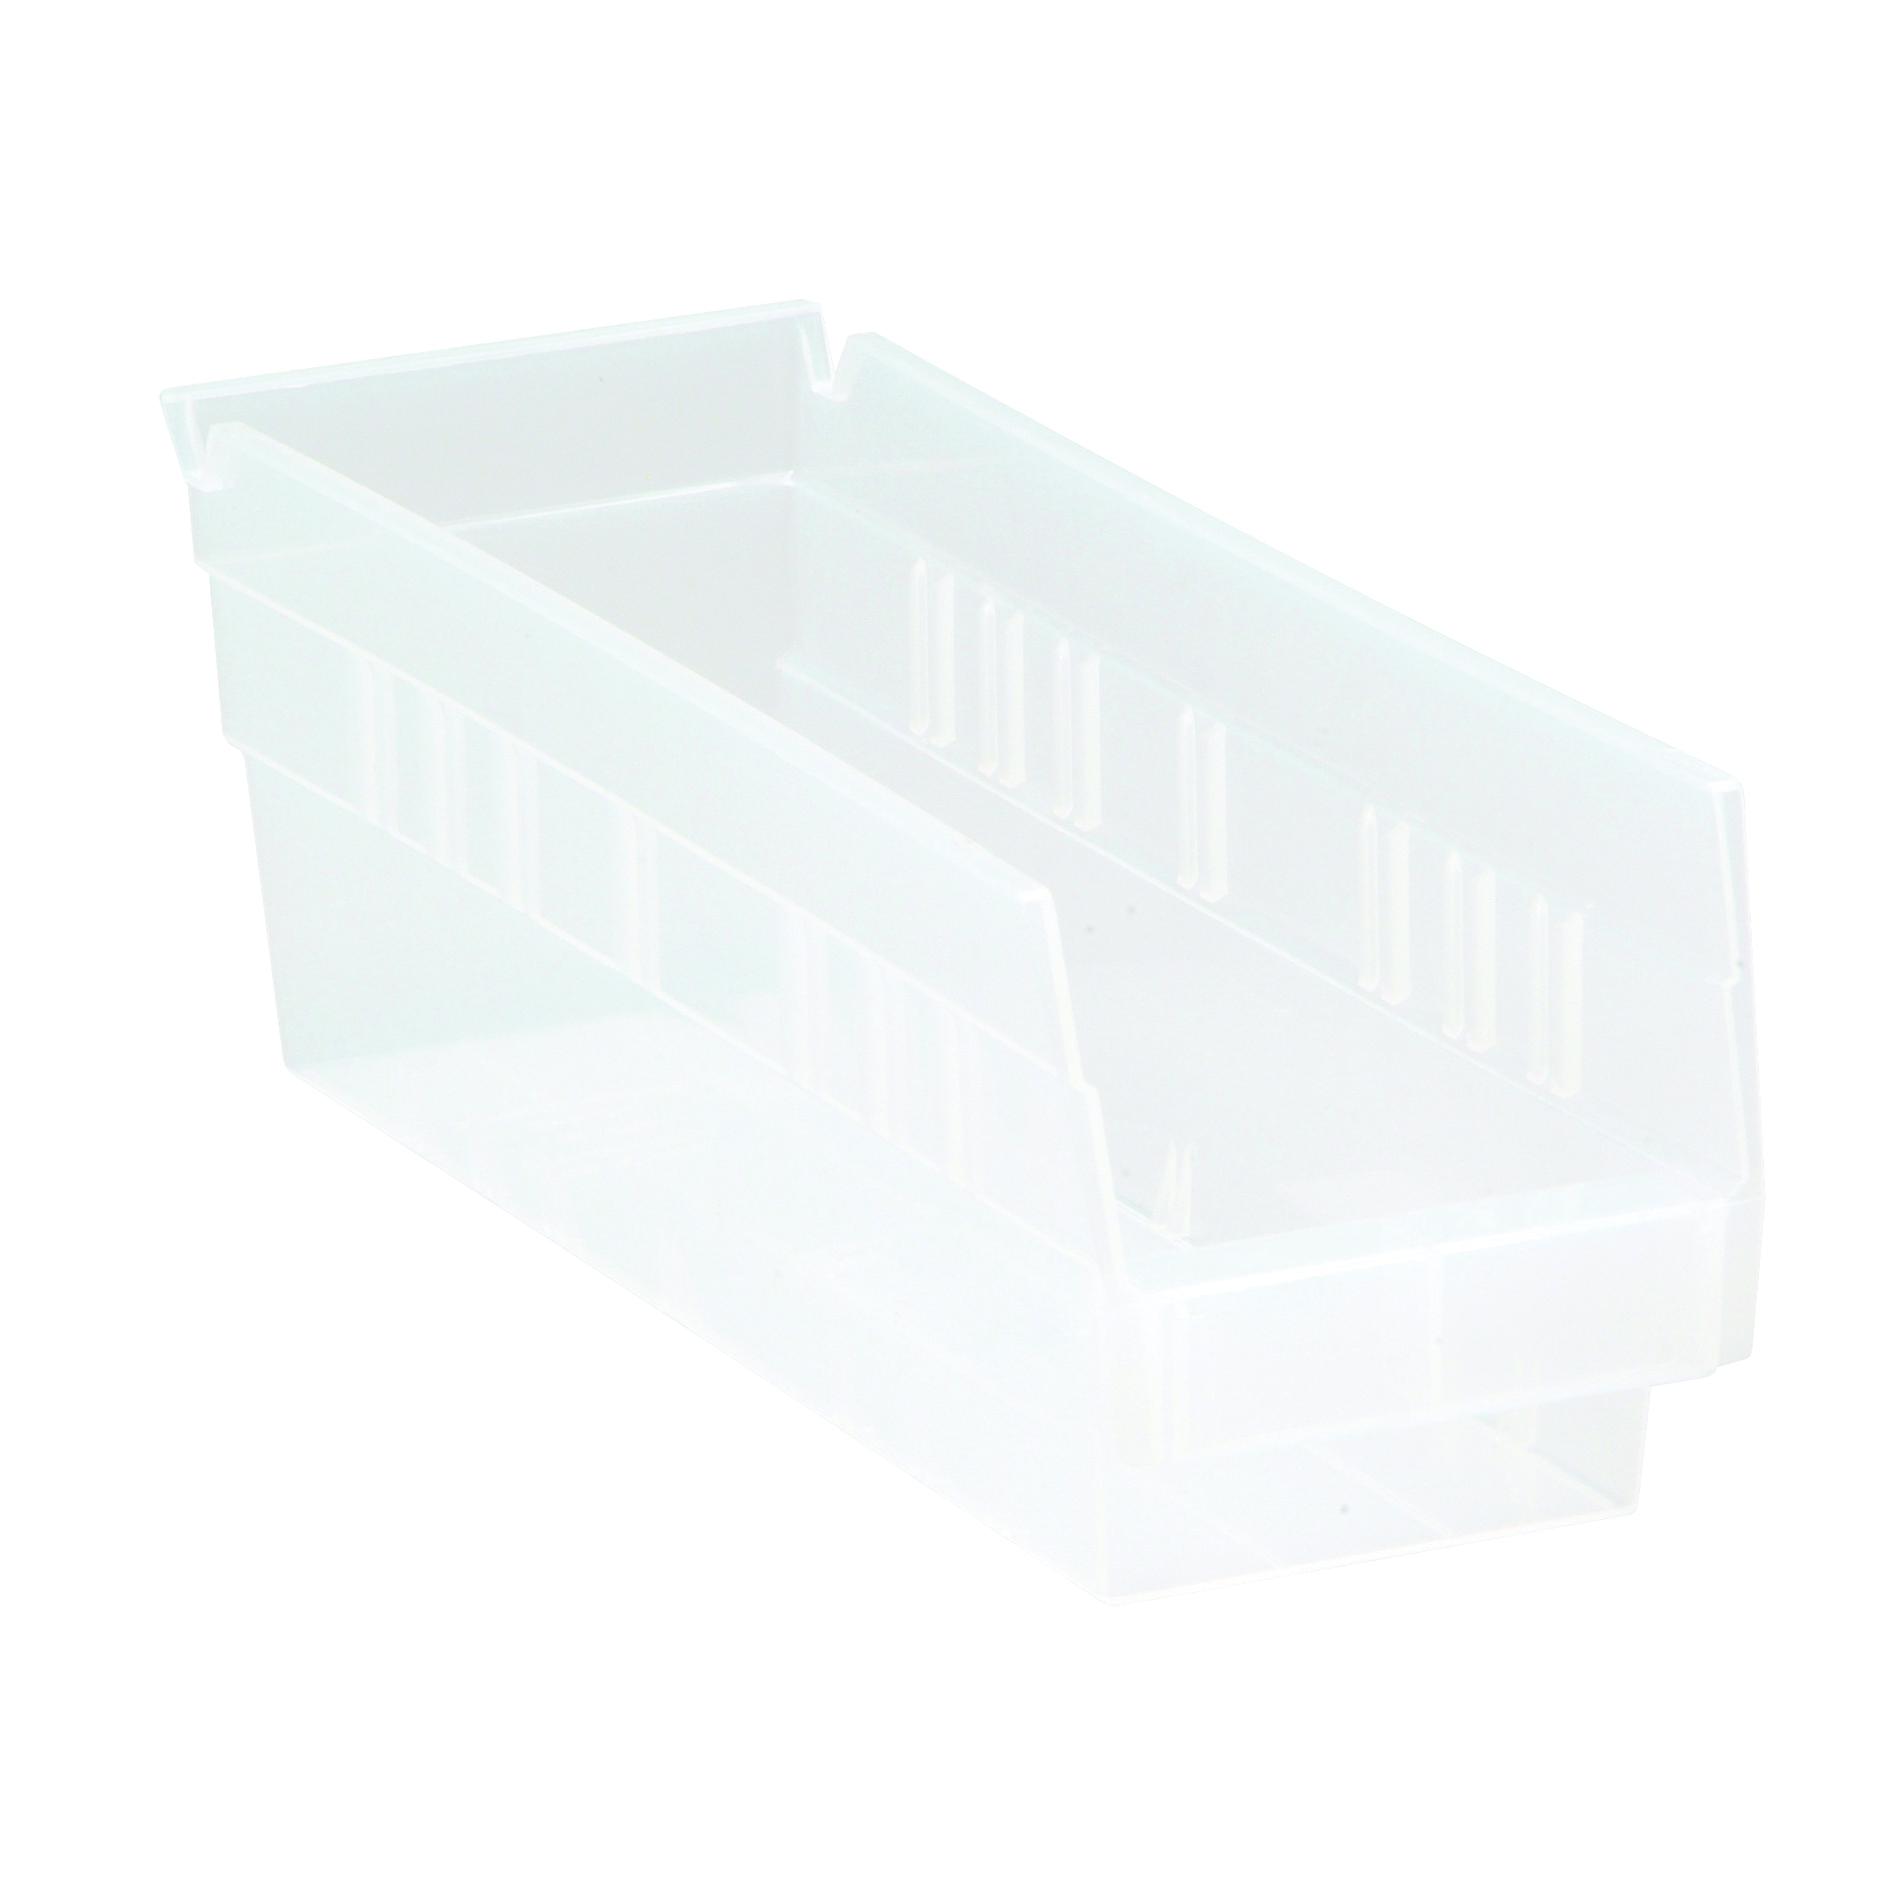 Quantum® QSB101CL Economy Shelf Bin, 11-5/8 in L x 4-1/8 in W x 4 in H, 0.07 cu-ft, Clear